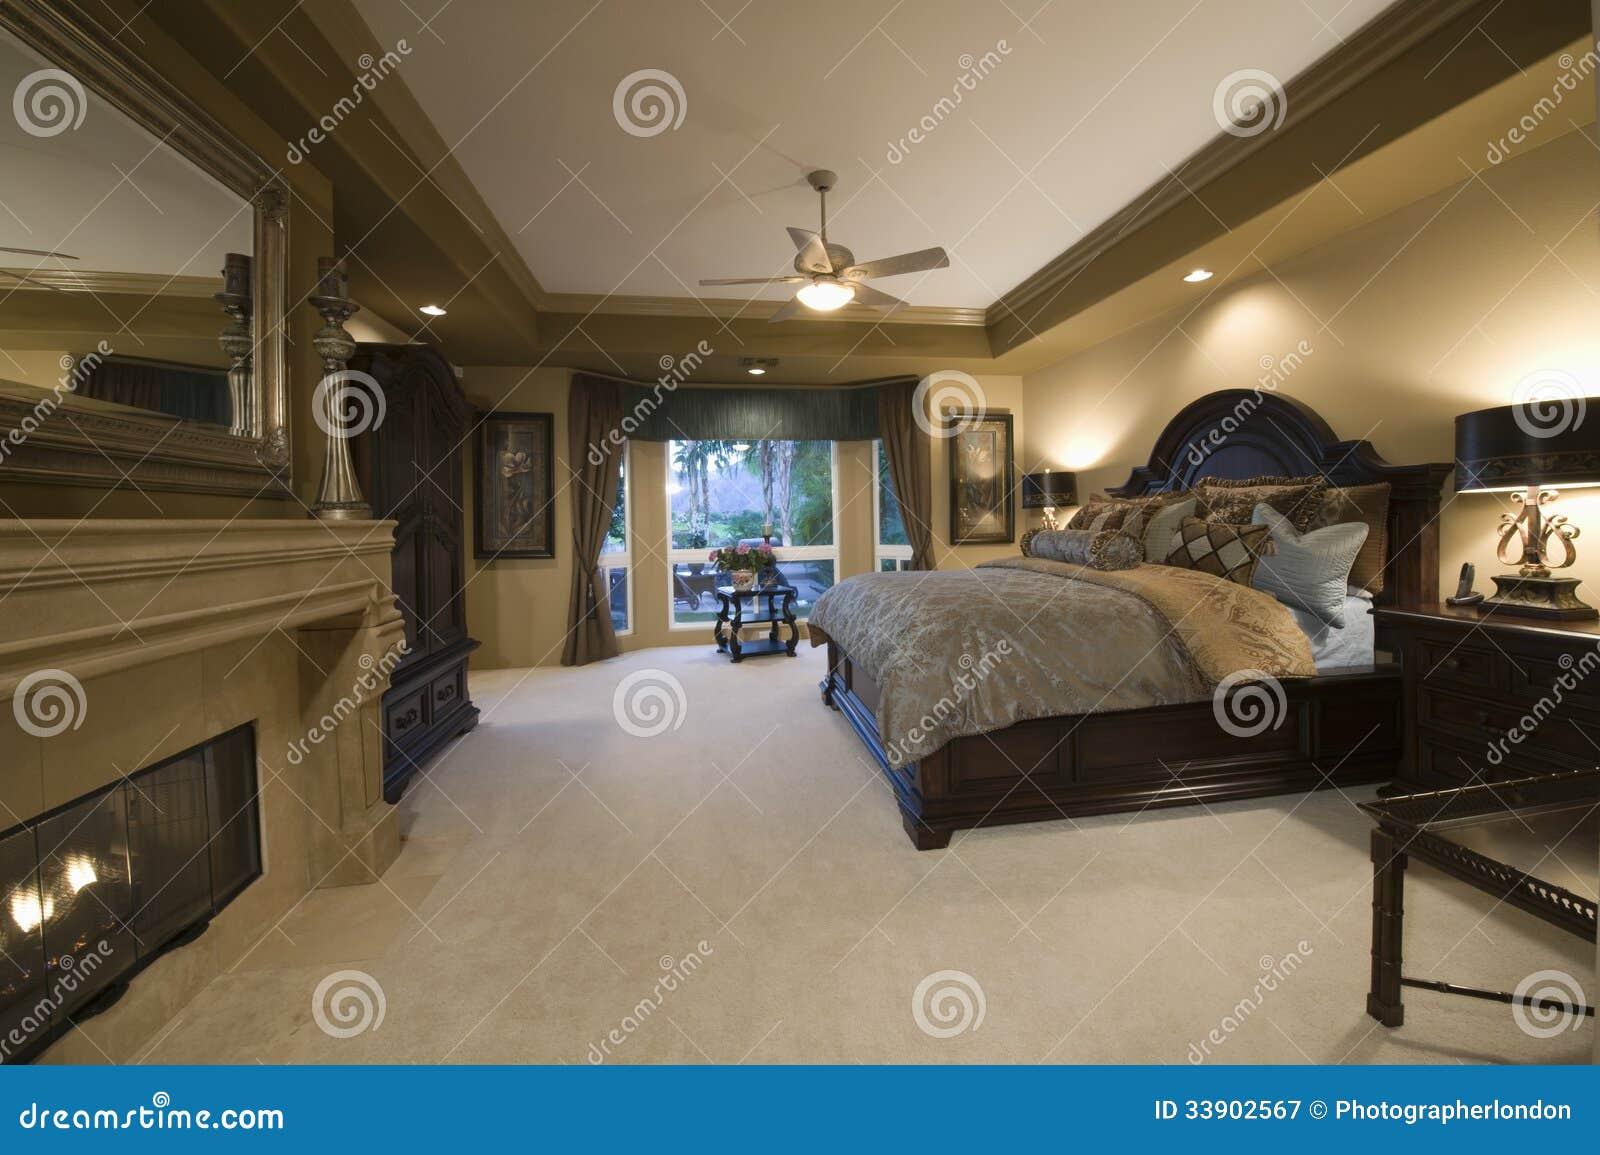 Slaapkamer met donker houten meubilair royalty vrije stock ...